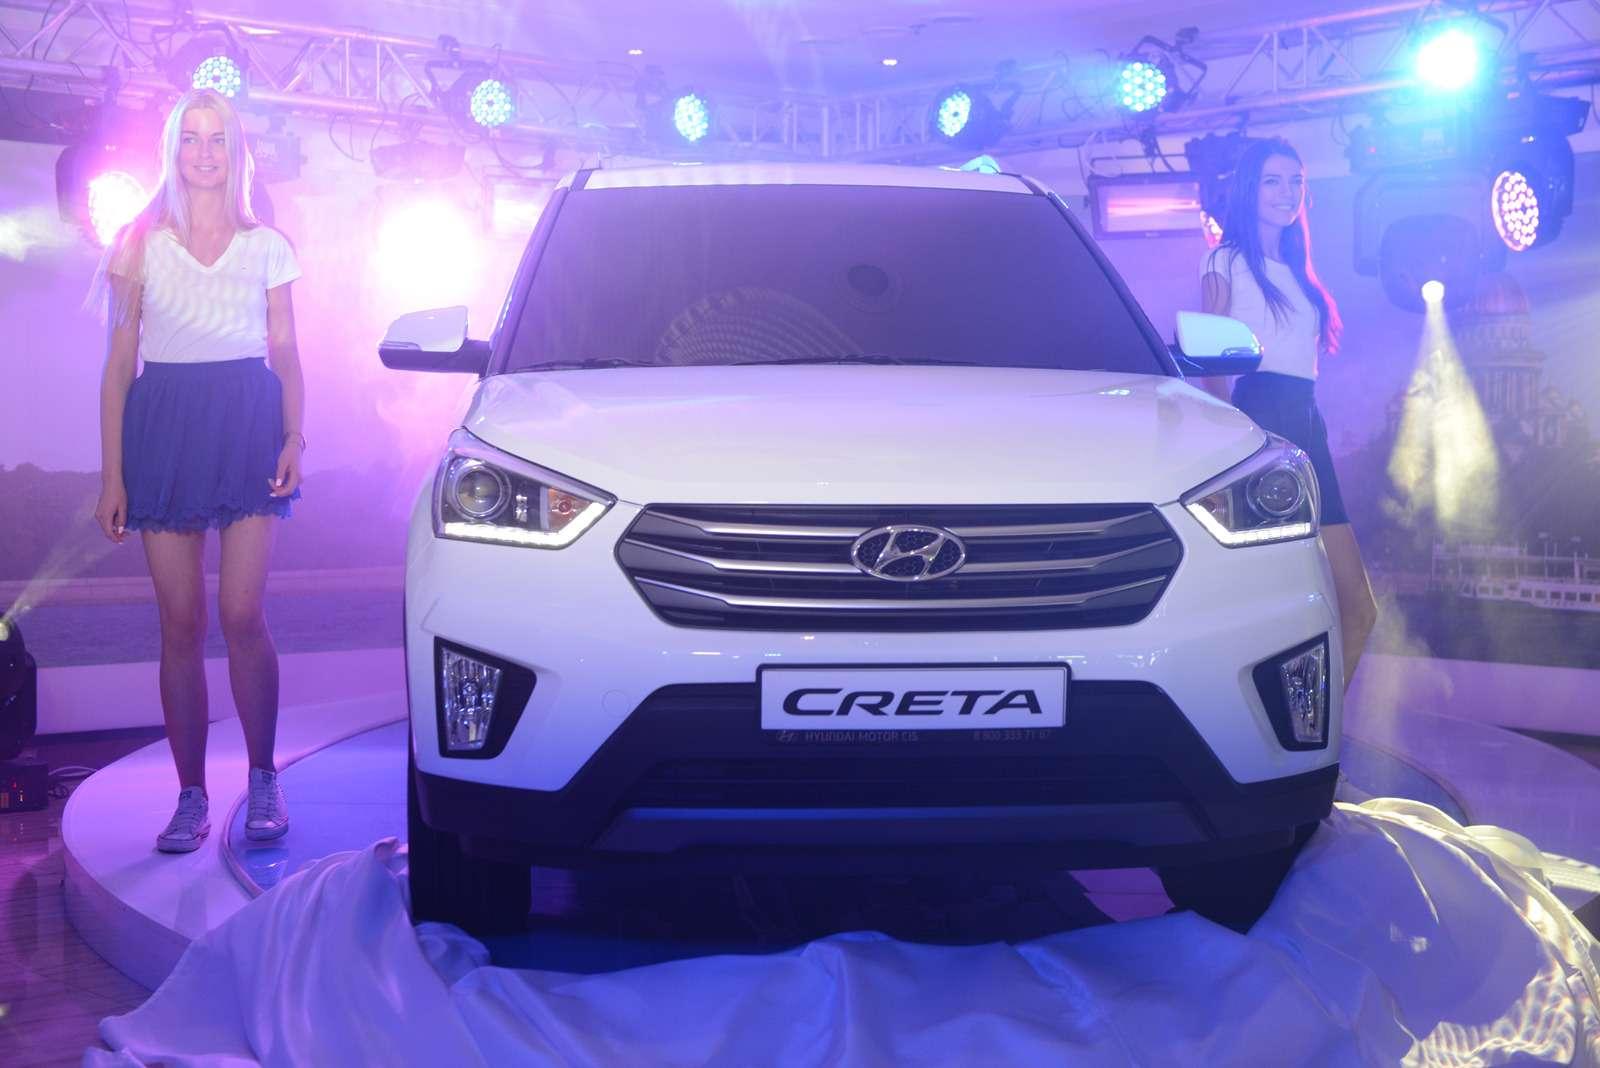 Hyundai рассекретила новый кроссовер Creta питерской сборки— фото 594242